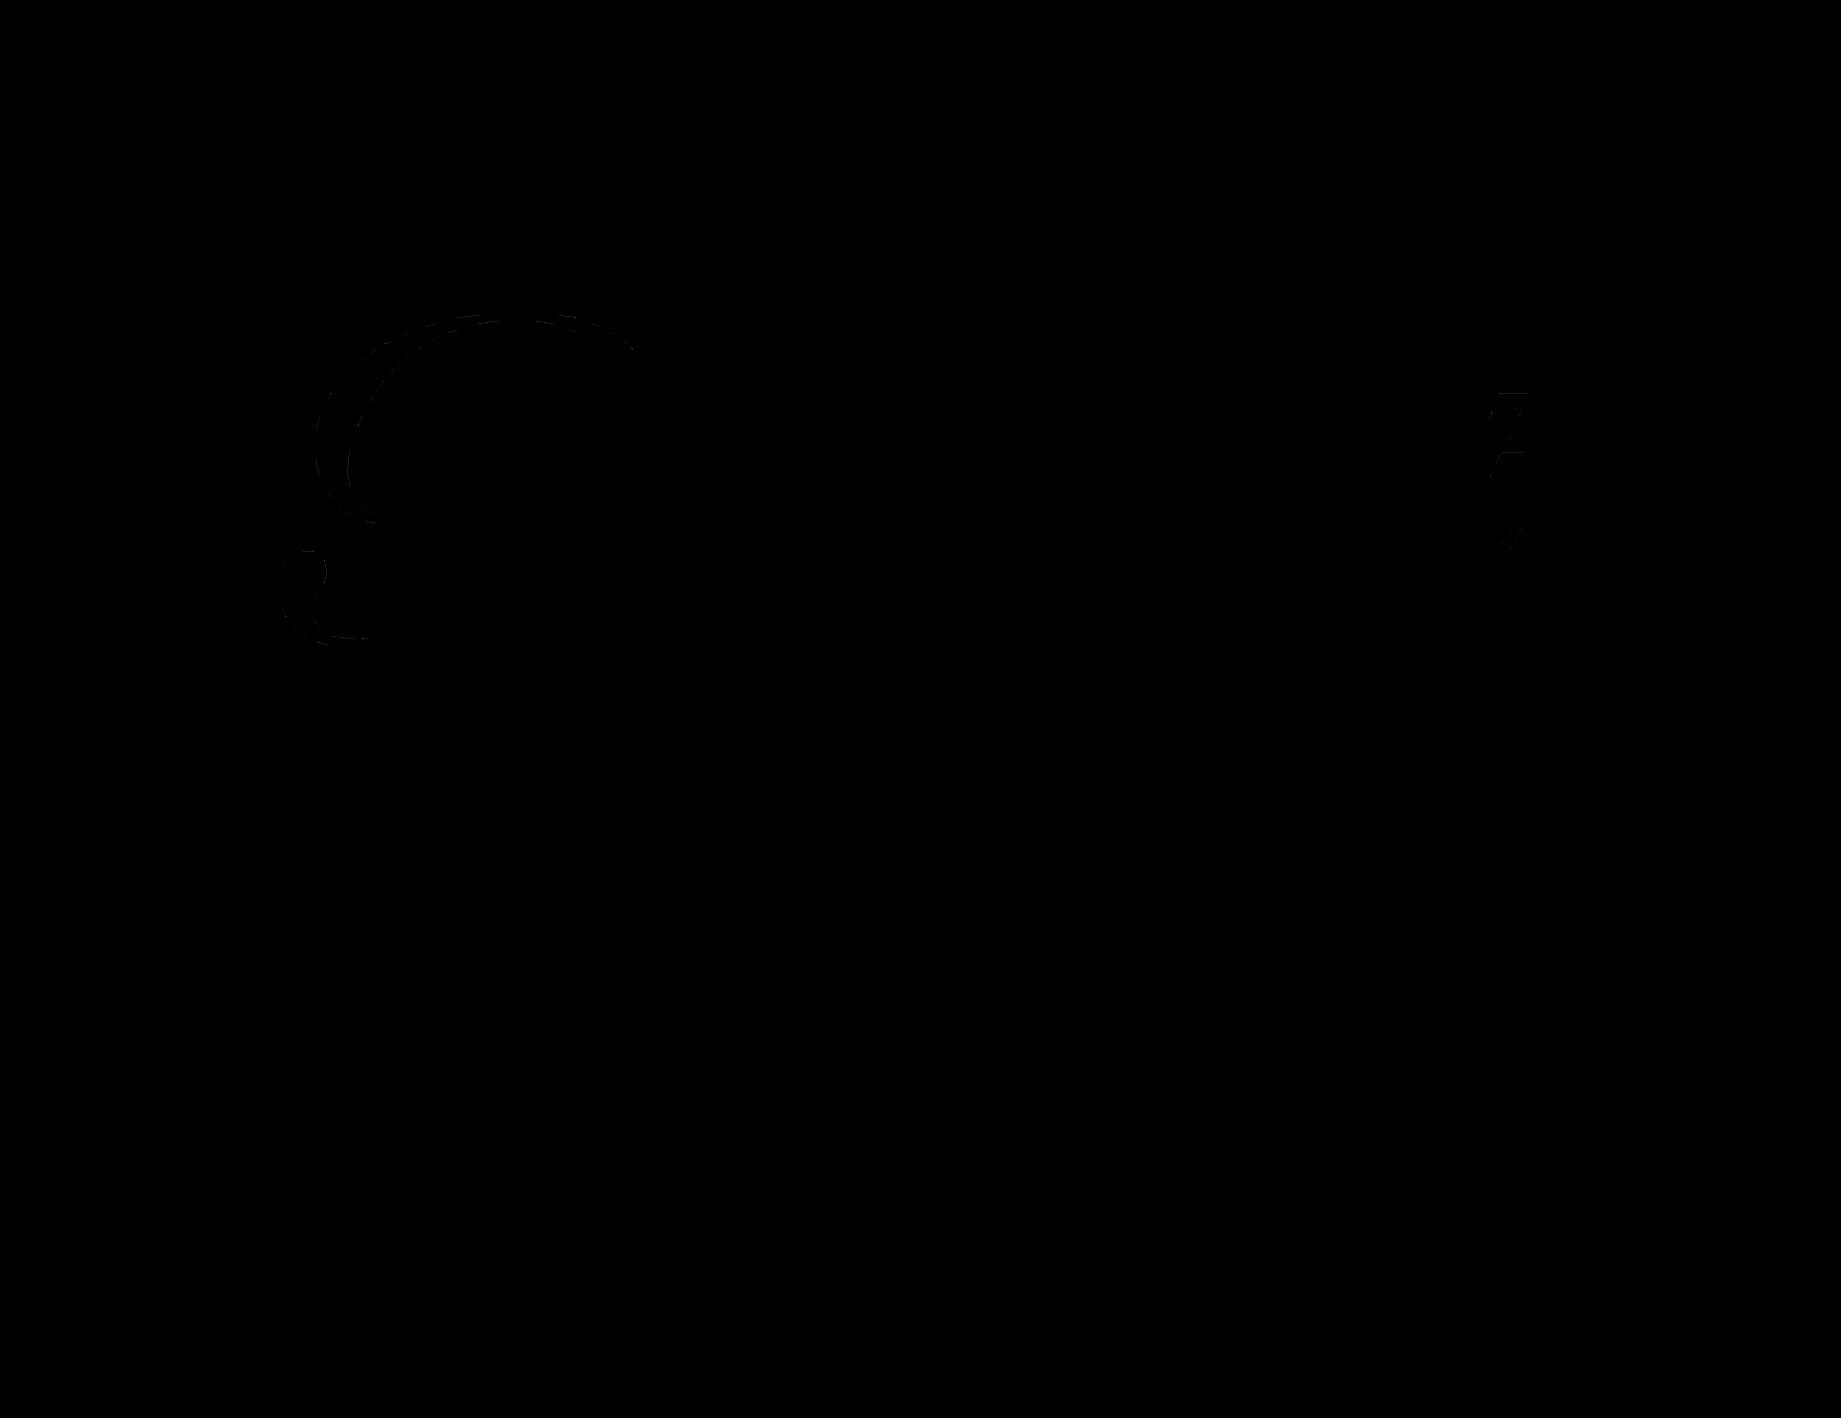 логотип парамаунт картинки первых